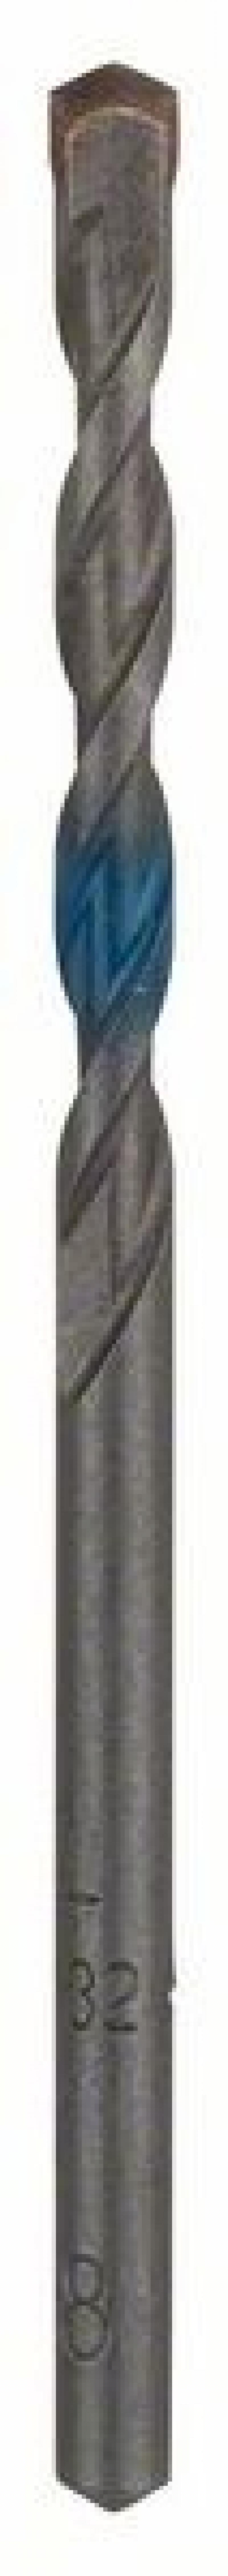 Сверло Bosch 2609255411 12мм